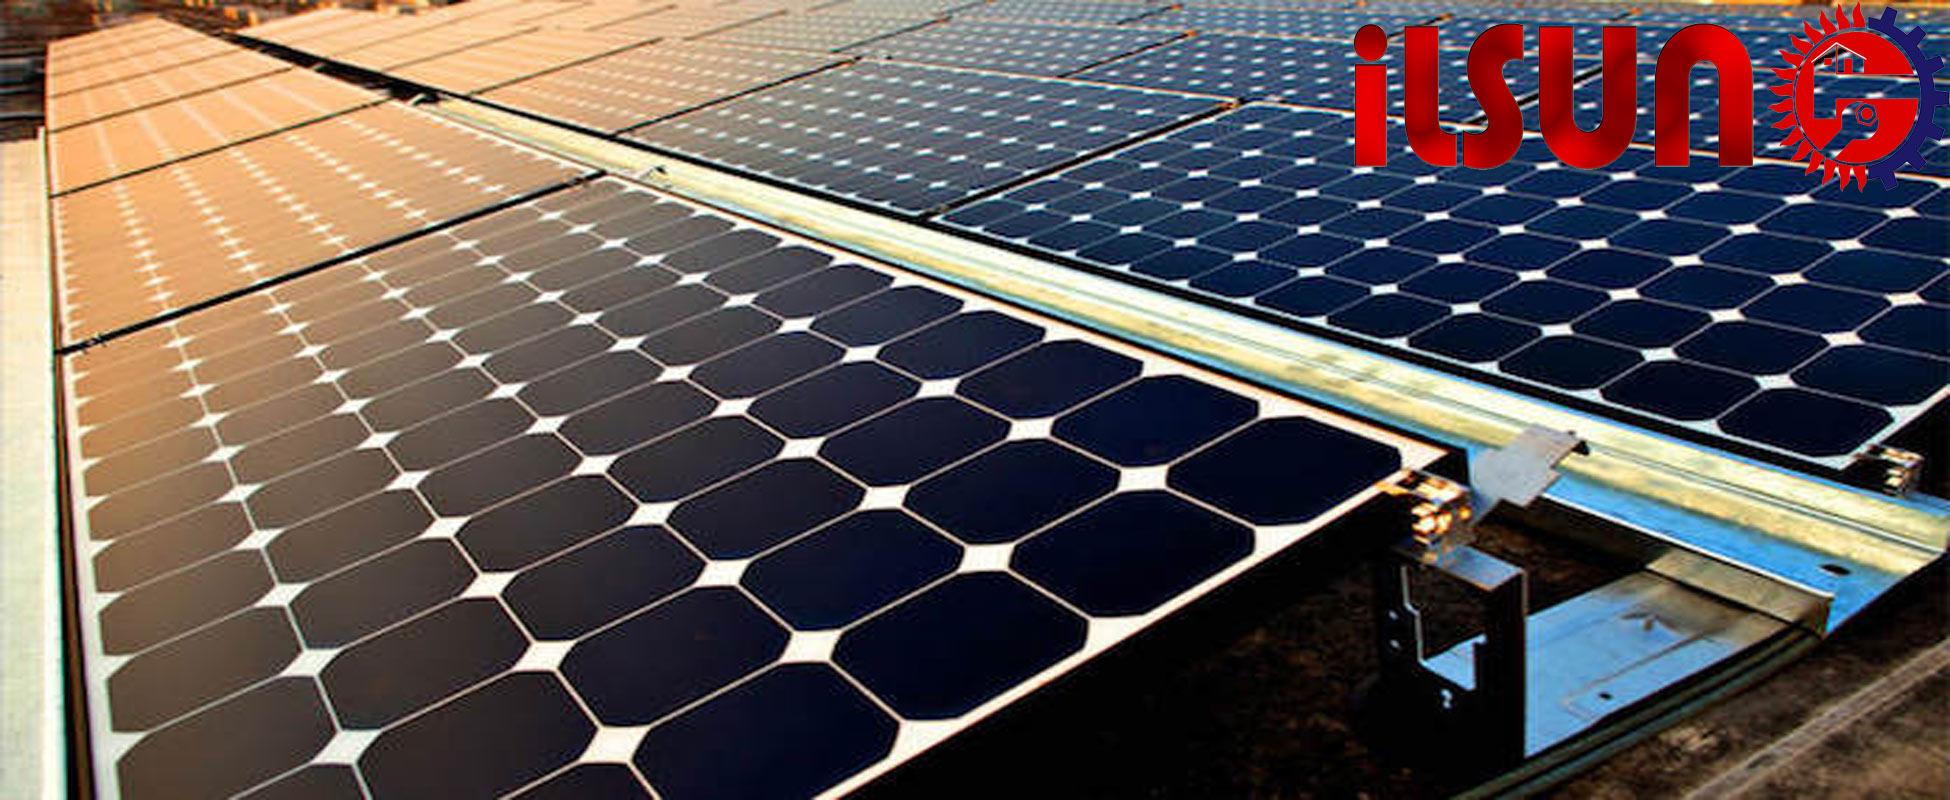 نقش انرژی خورشیدی در معماری امروز